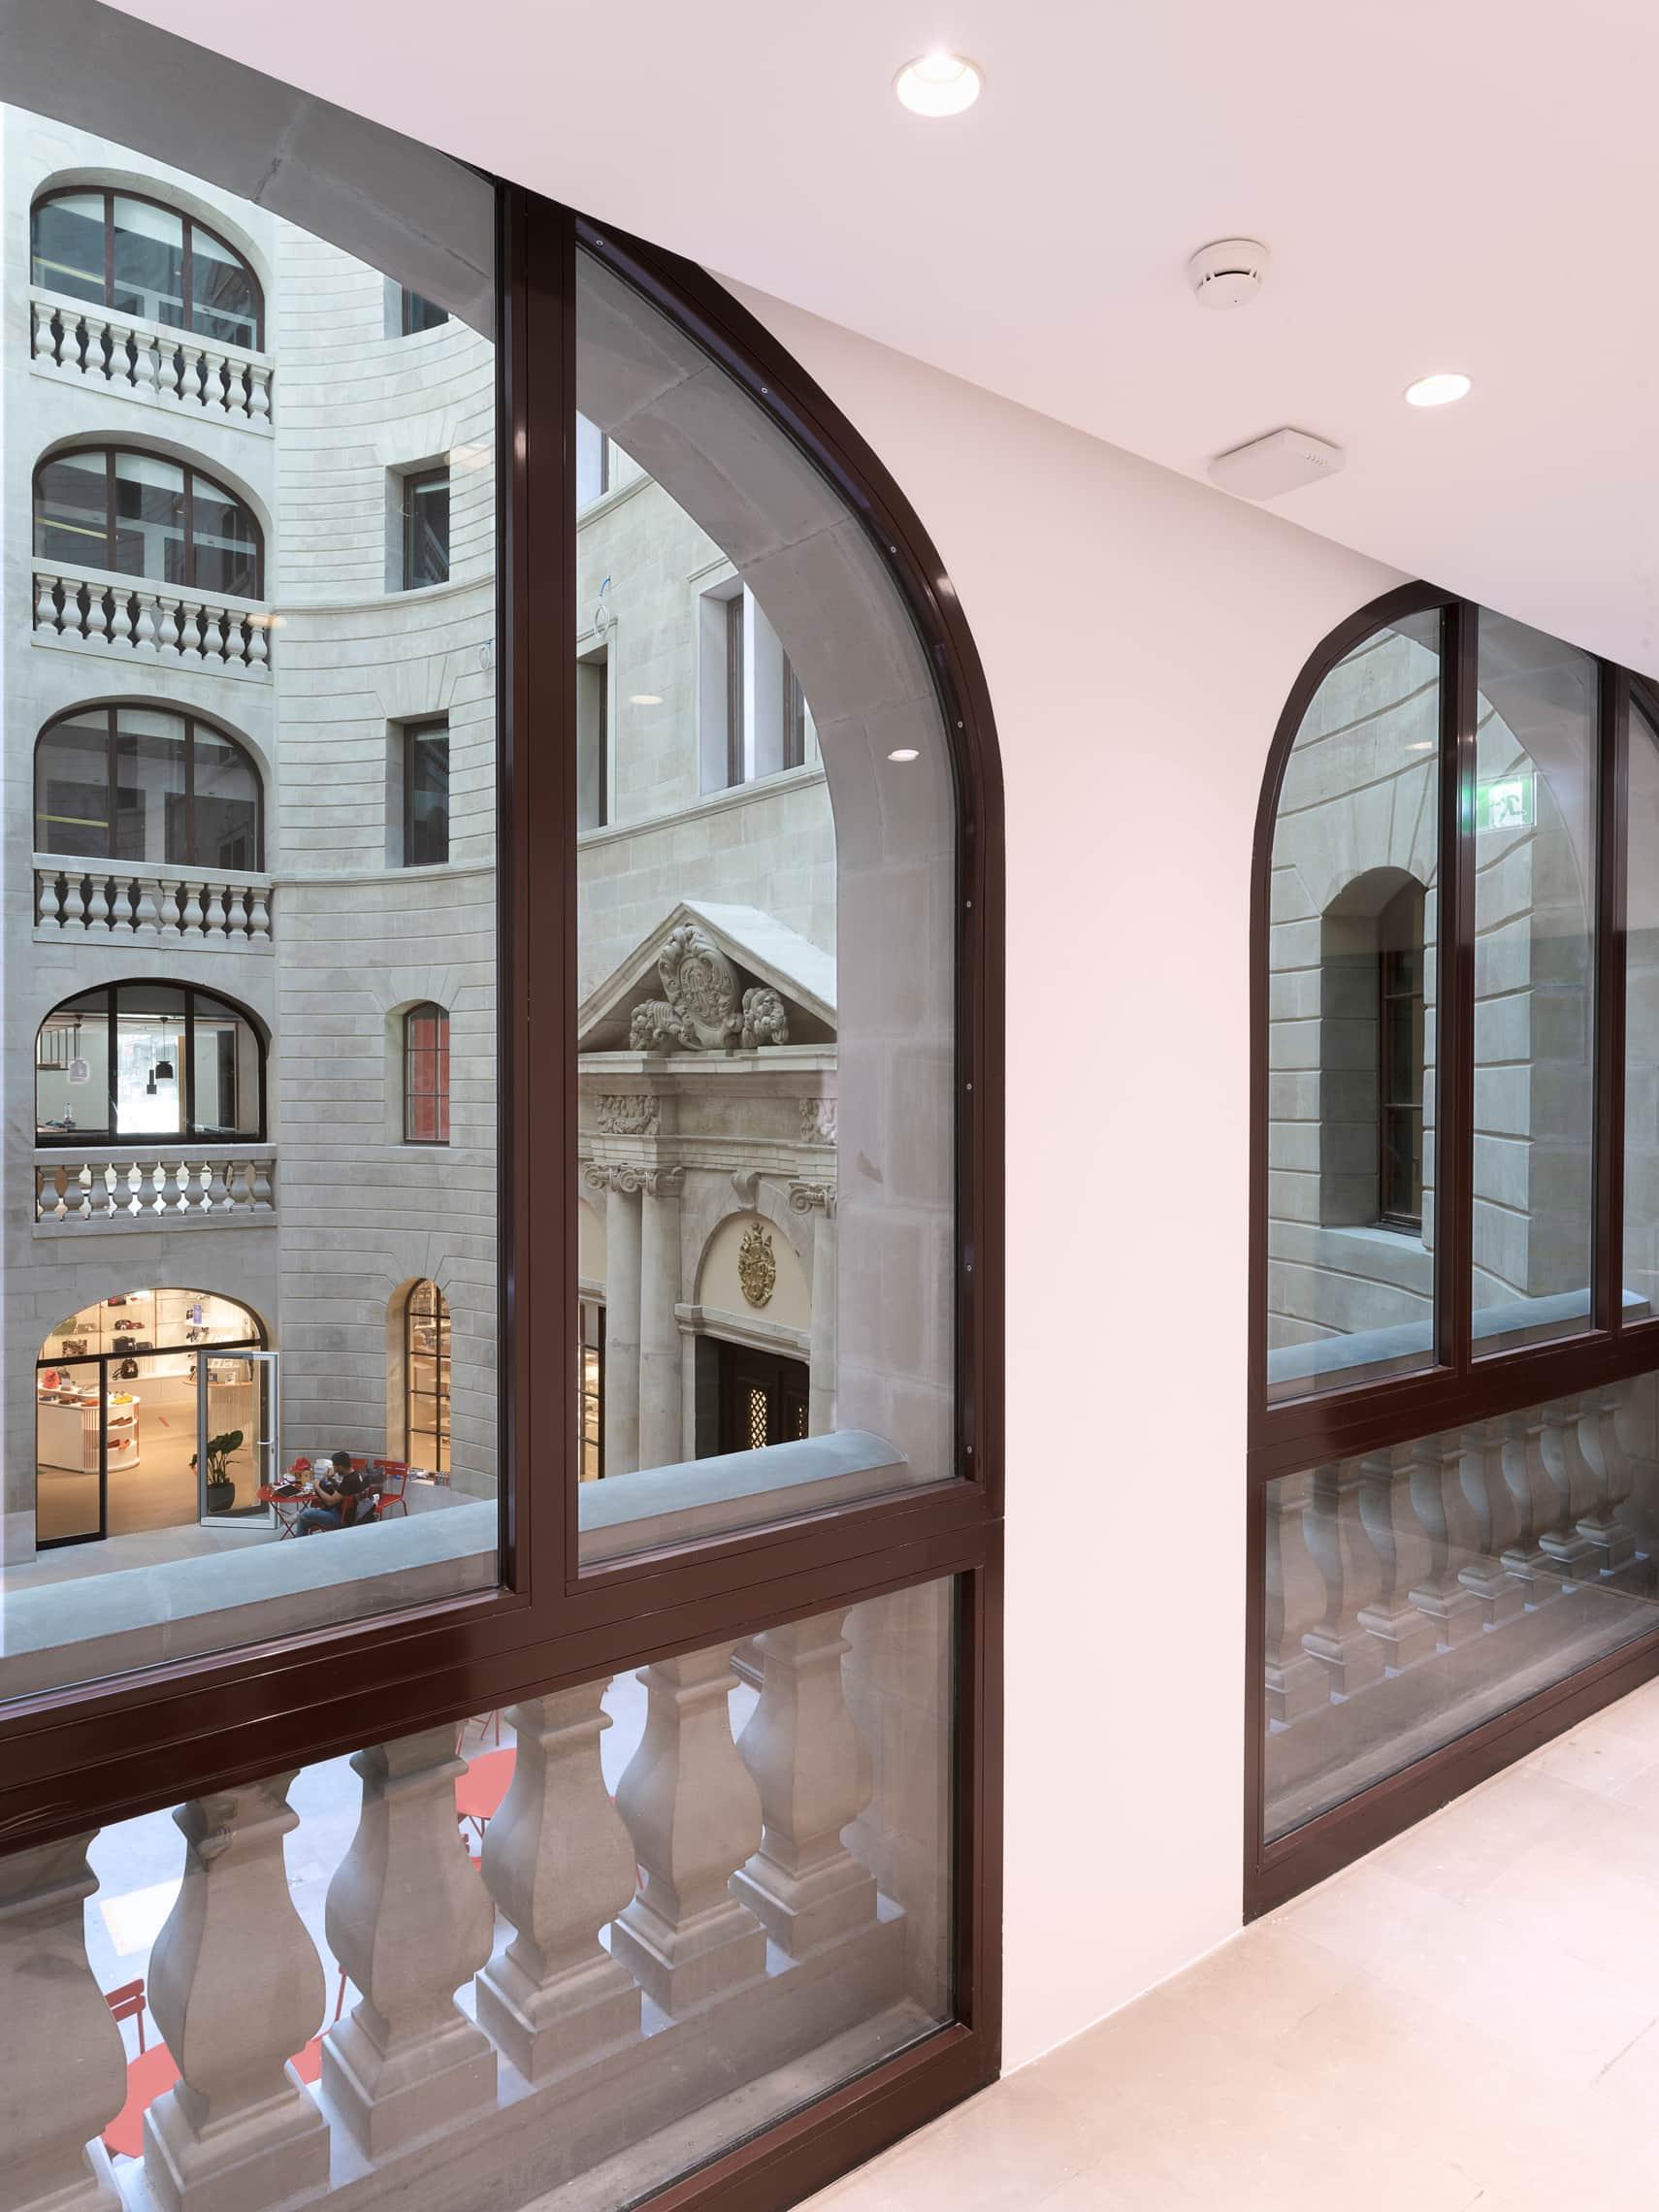 vue sur une coure intérieure depuis un corridor